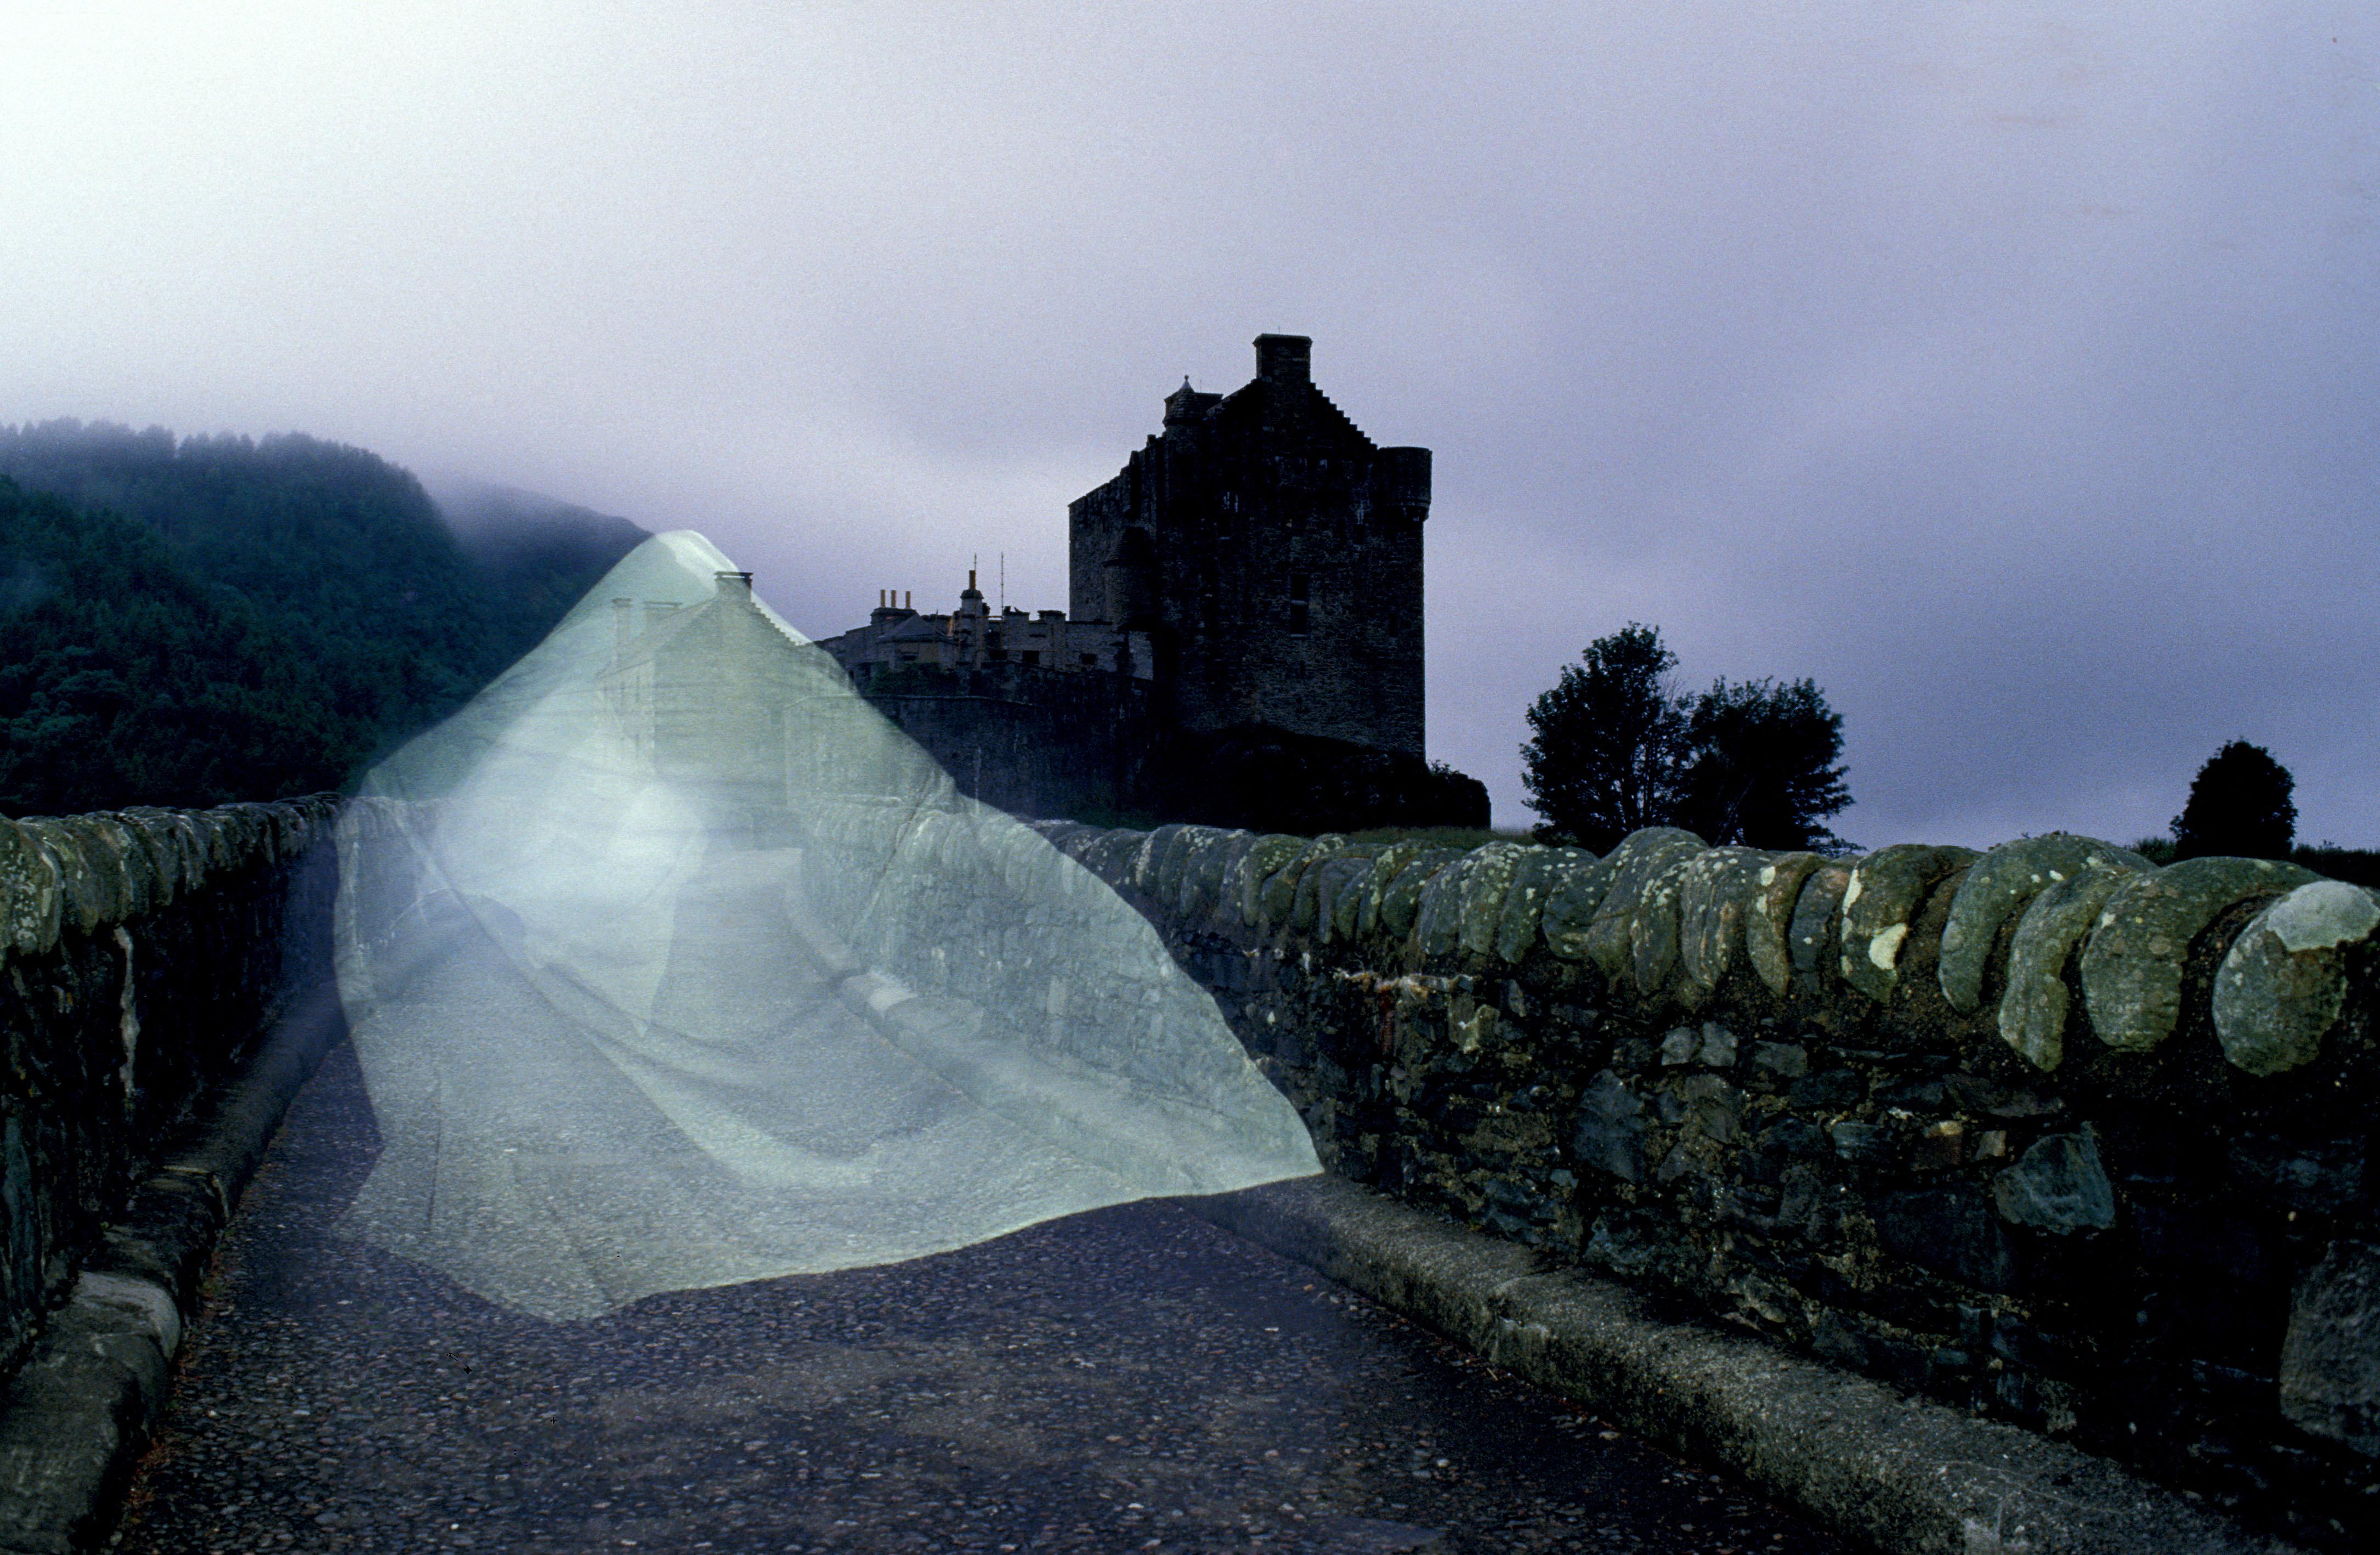 Mi áll a paranormális jelenségek hátterében?